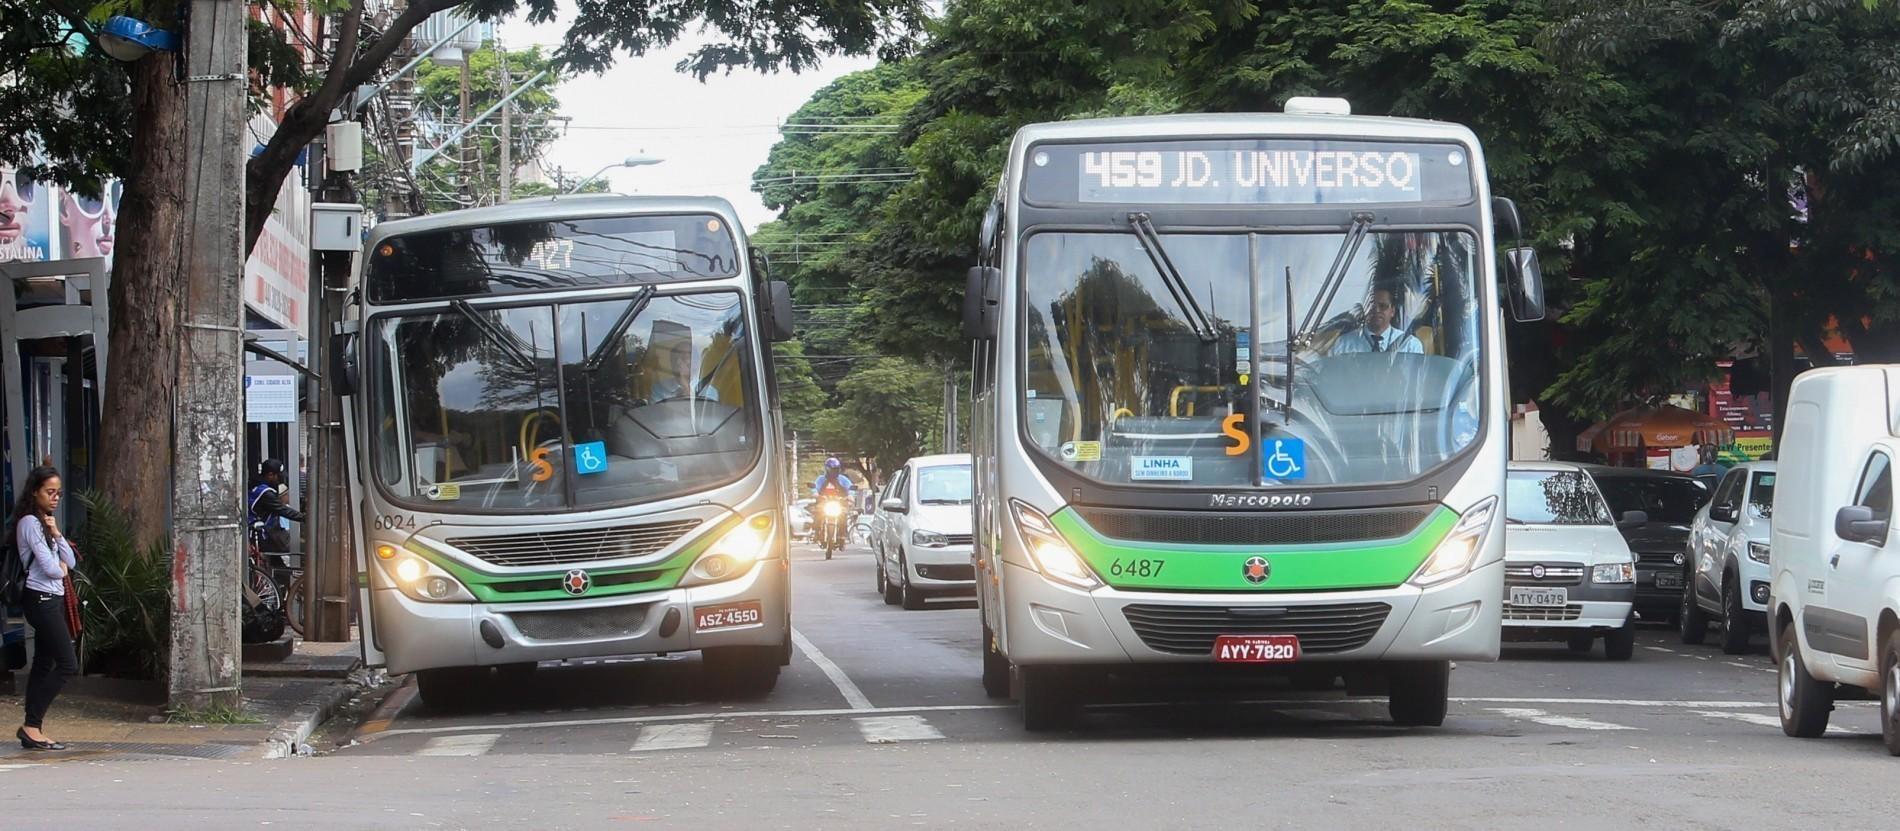 Desequilíbrio financeiro no transporte urbano passa de R$ 24 mi